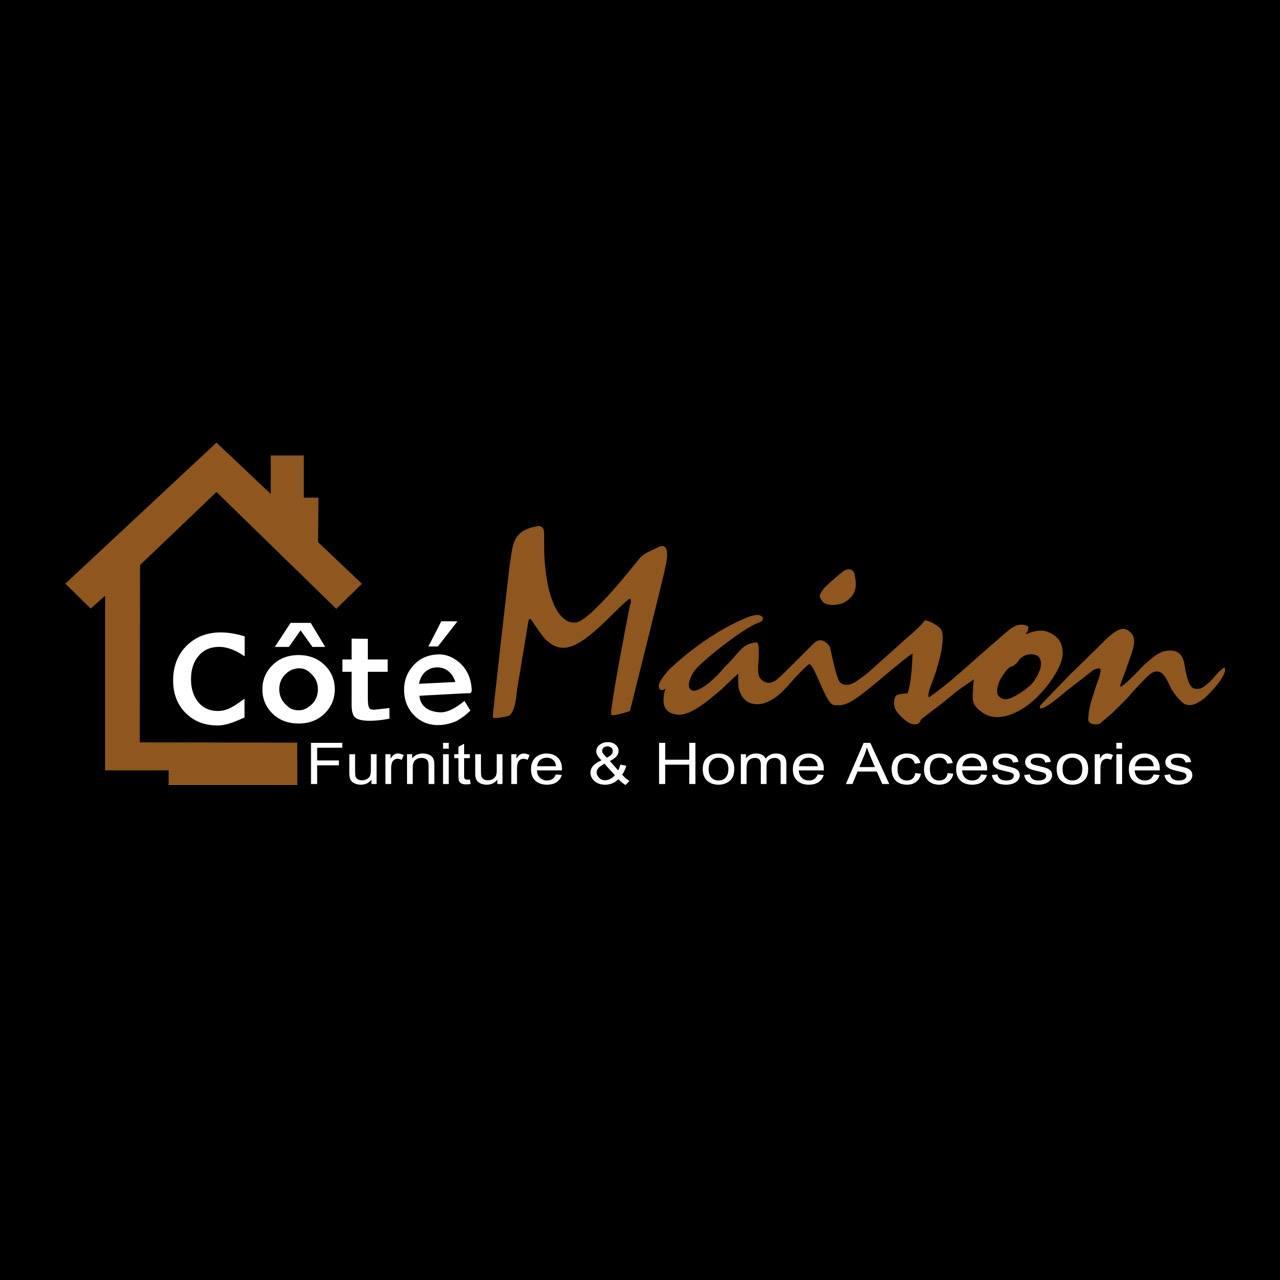 كوت ميزون فيرنتشر Côté Maison Furniture